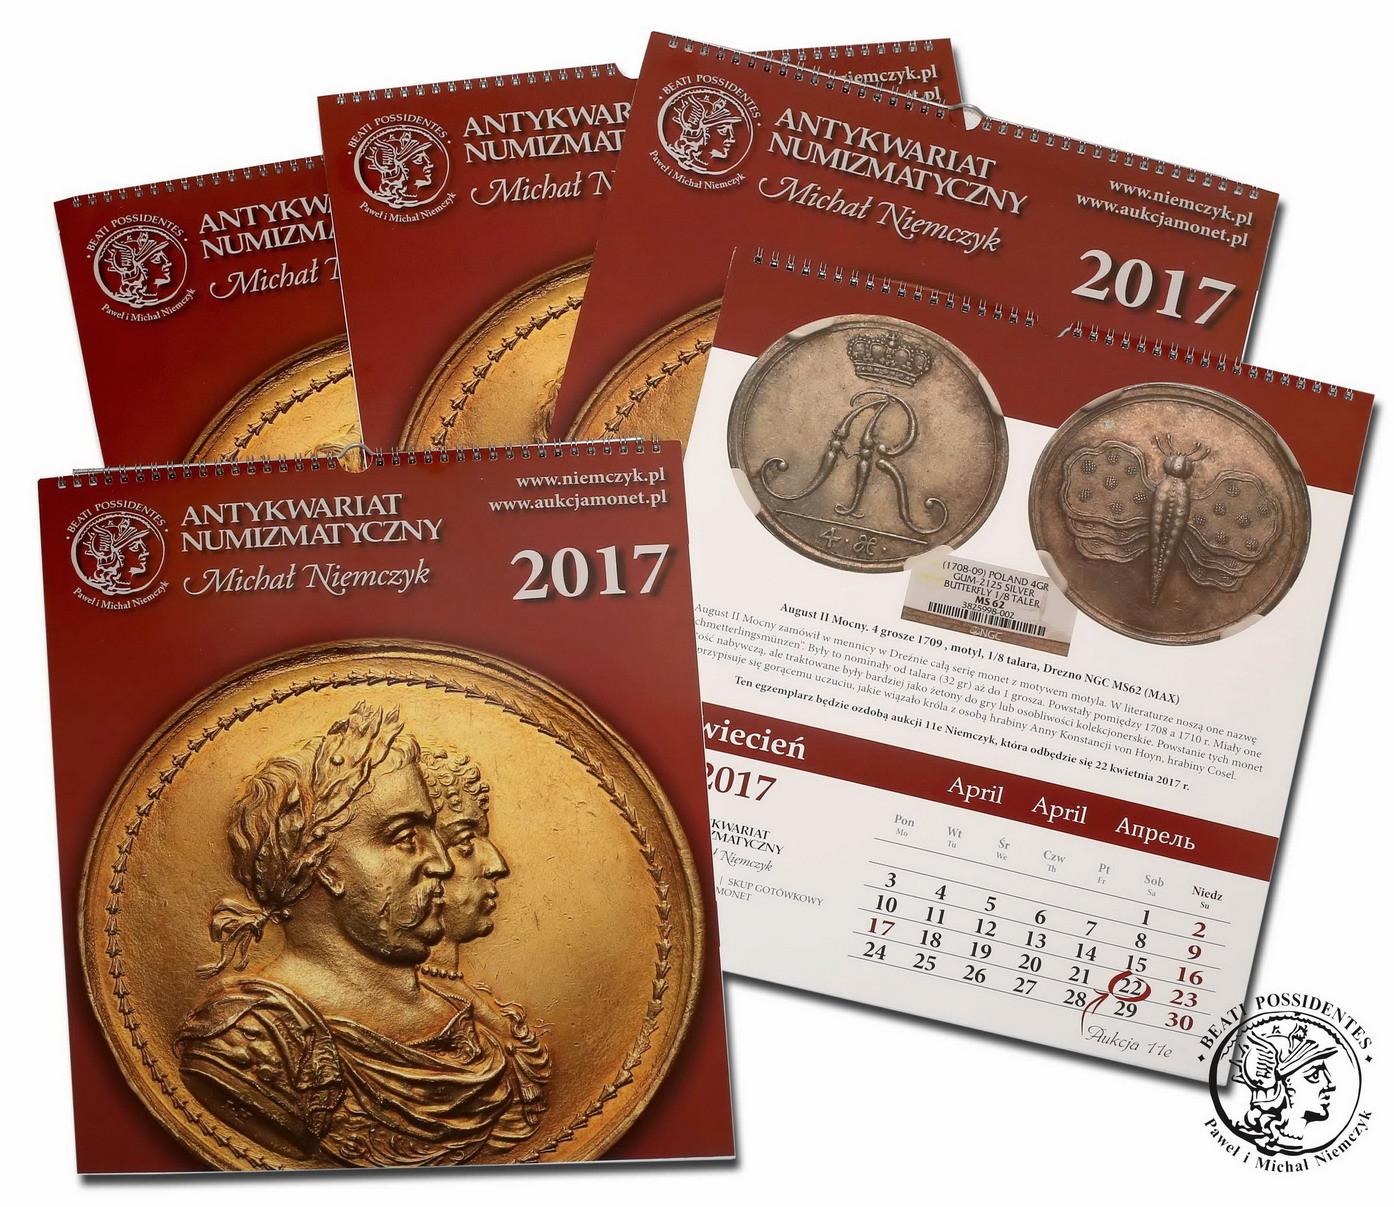 Kalendarz numizmatyczny 2017 - limitowana edycja! Kurier GRATIS